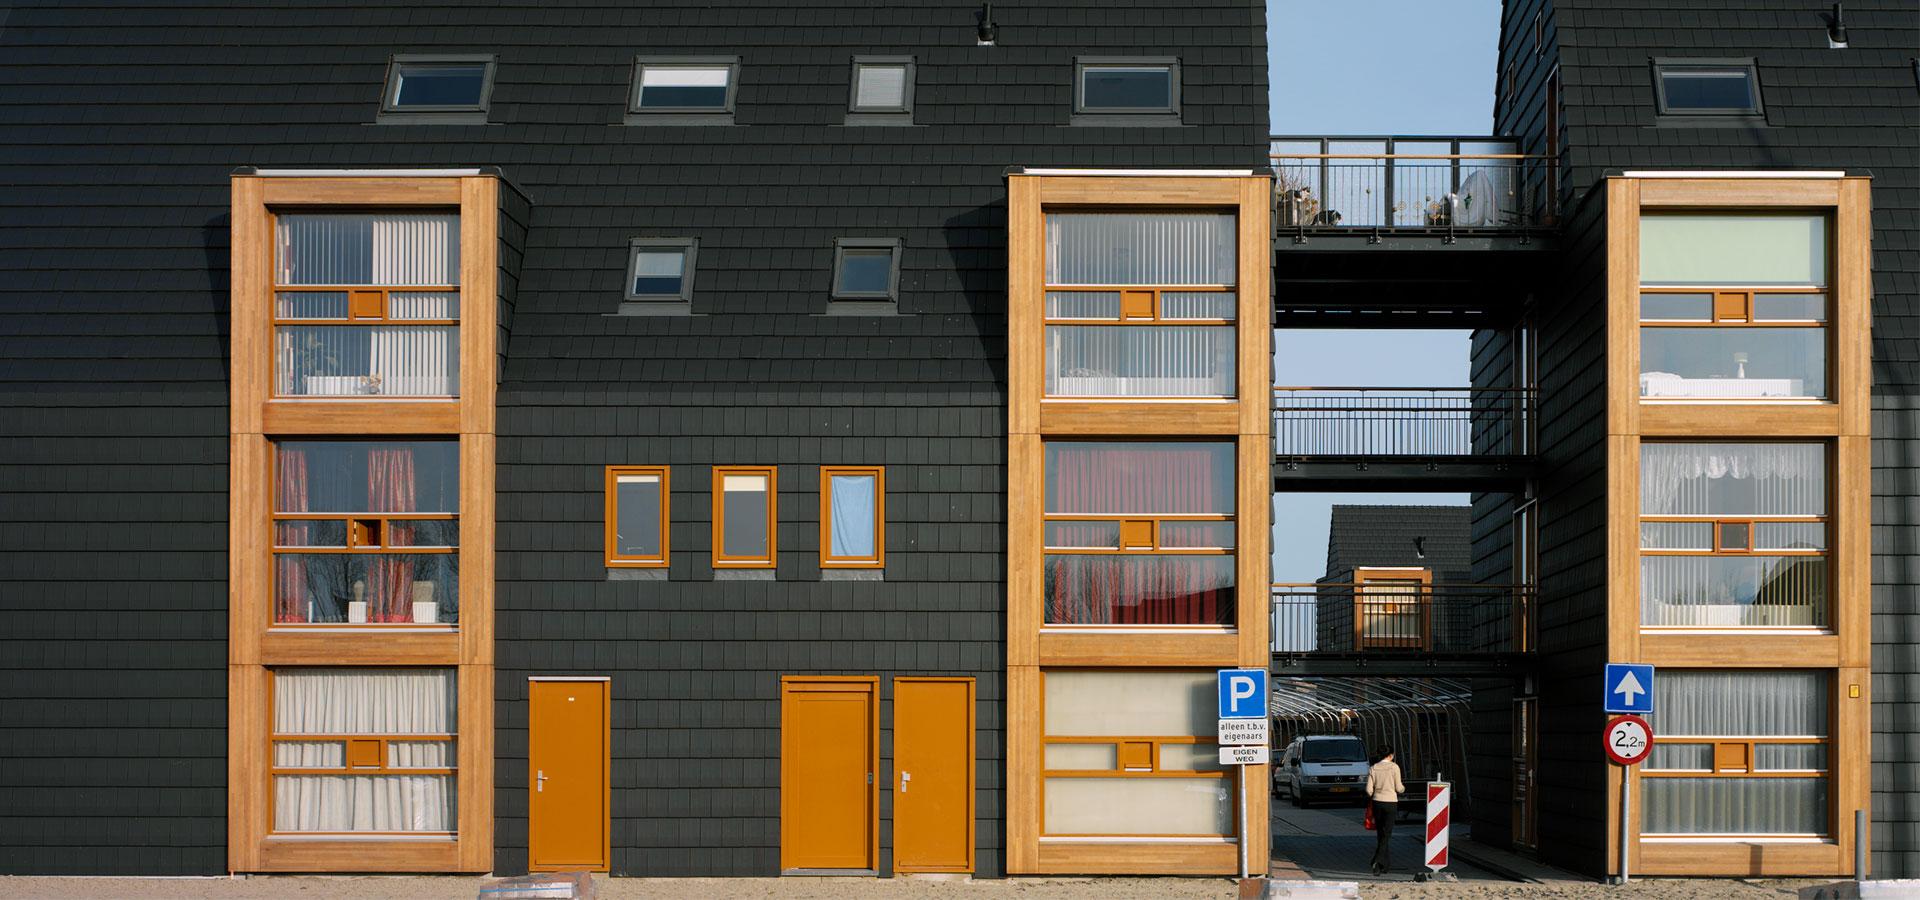 FARO architecten modern dorps Vijfhuizen 01